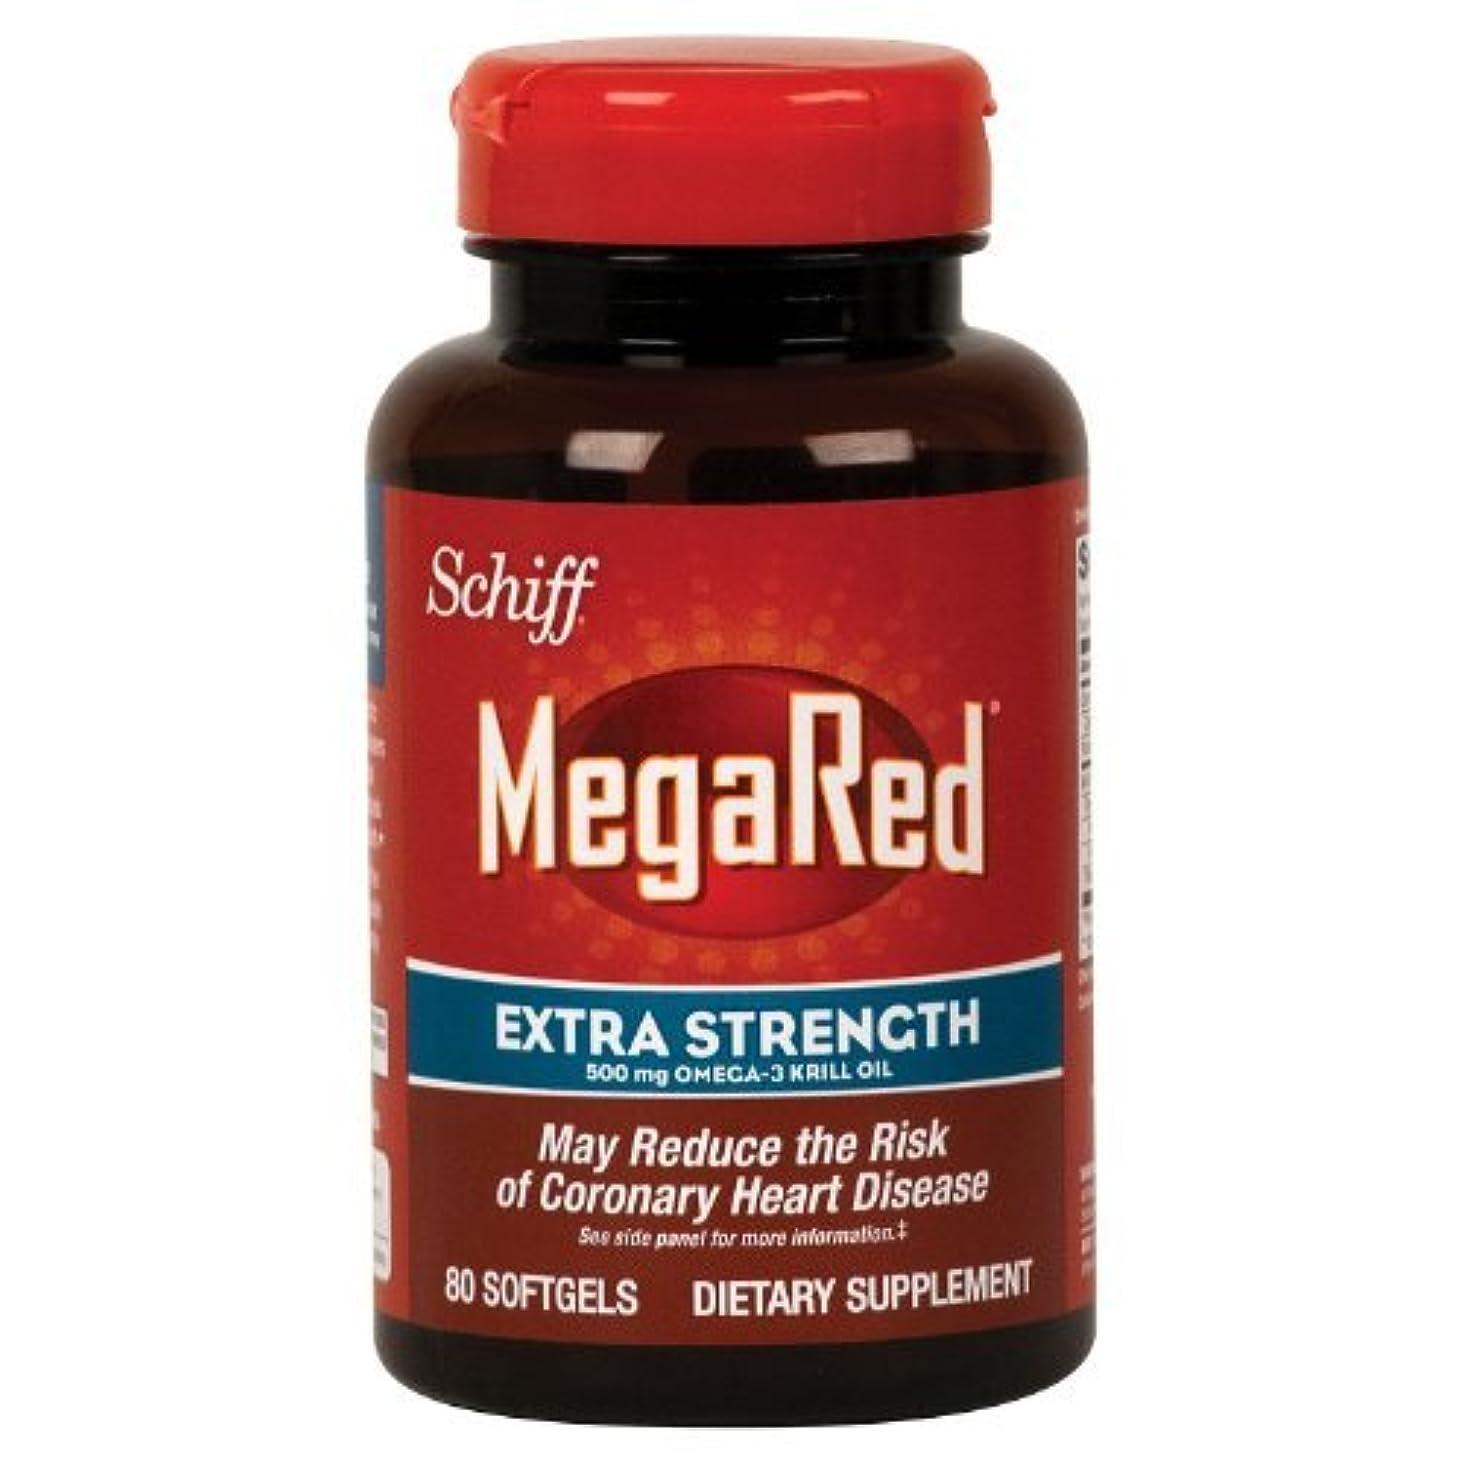 セレナ誤解する防衛Schiff Megared Extra Strength 500mg Omega-3 Krill Oil - 80 Softgels by Simply Right [並行輸入品]